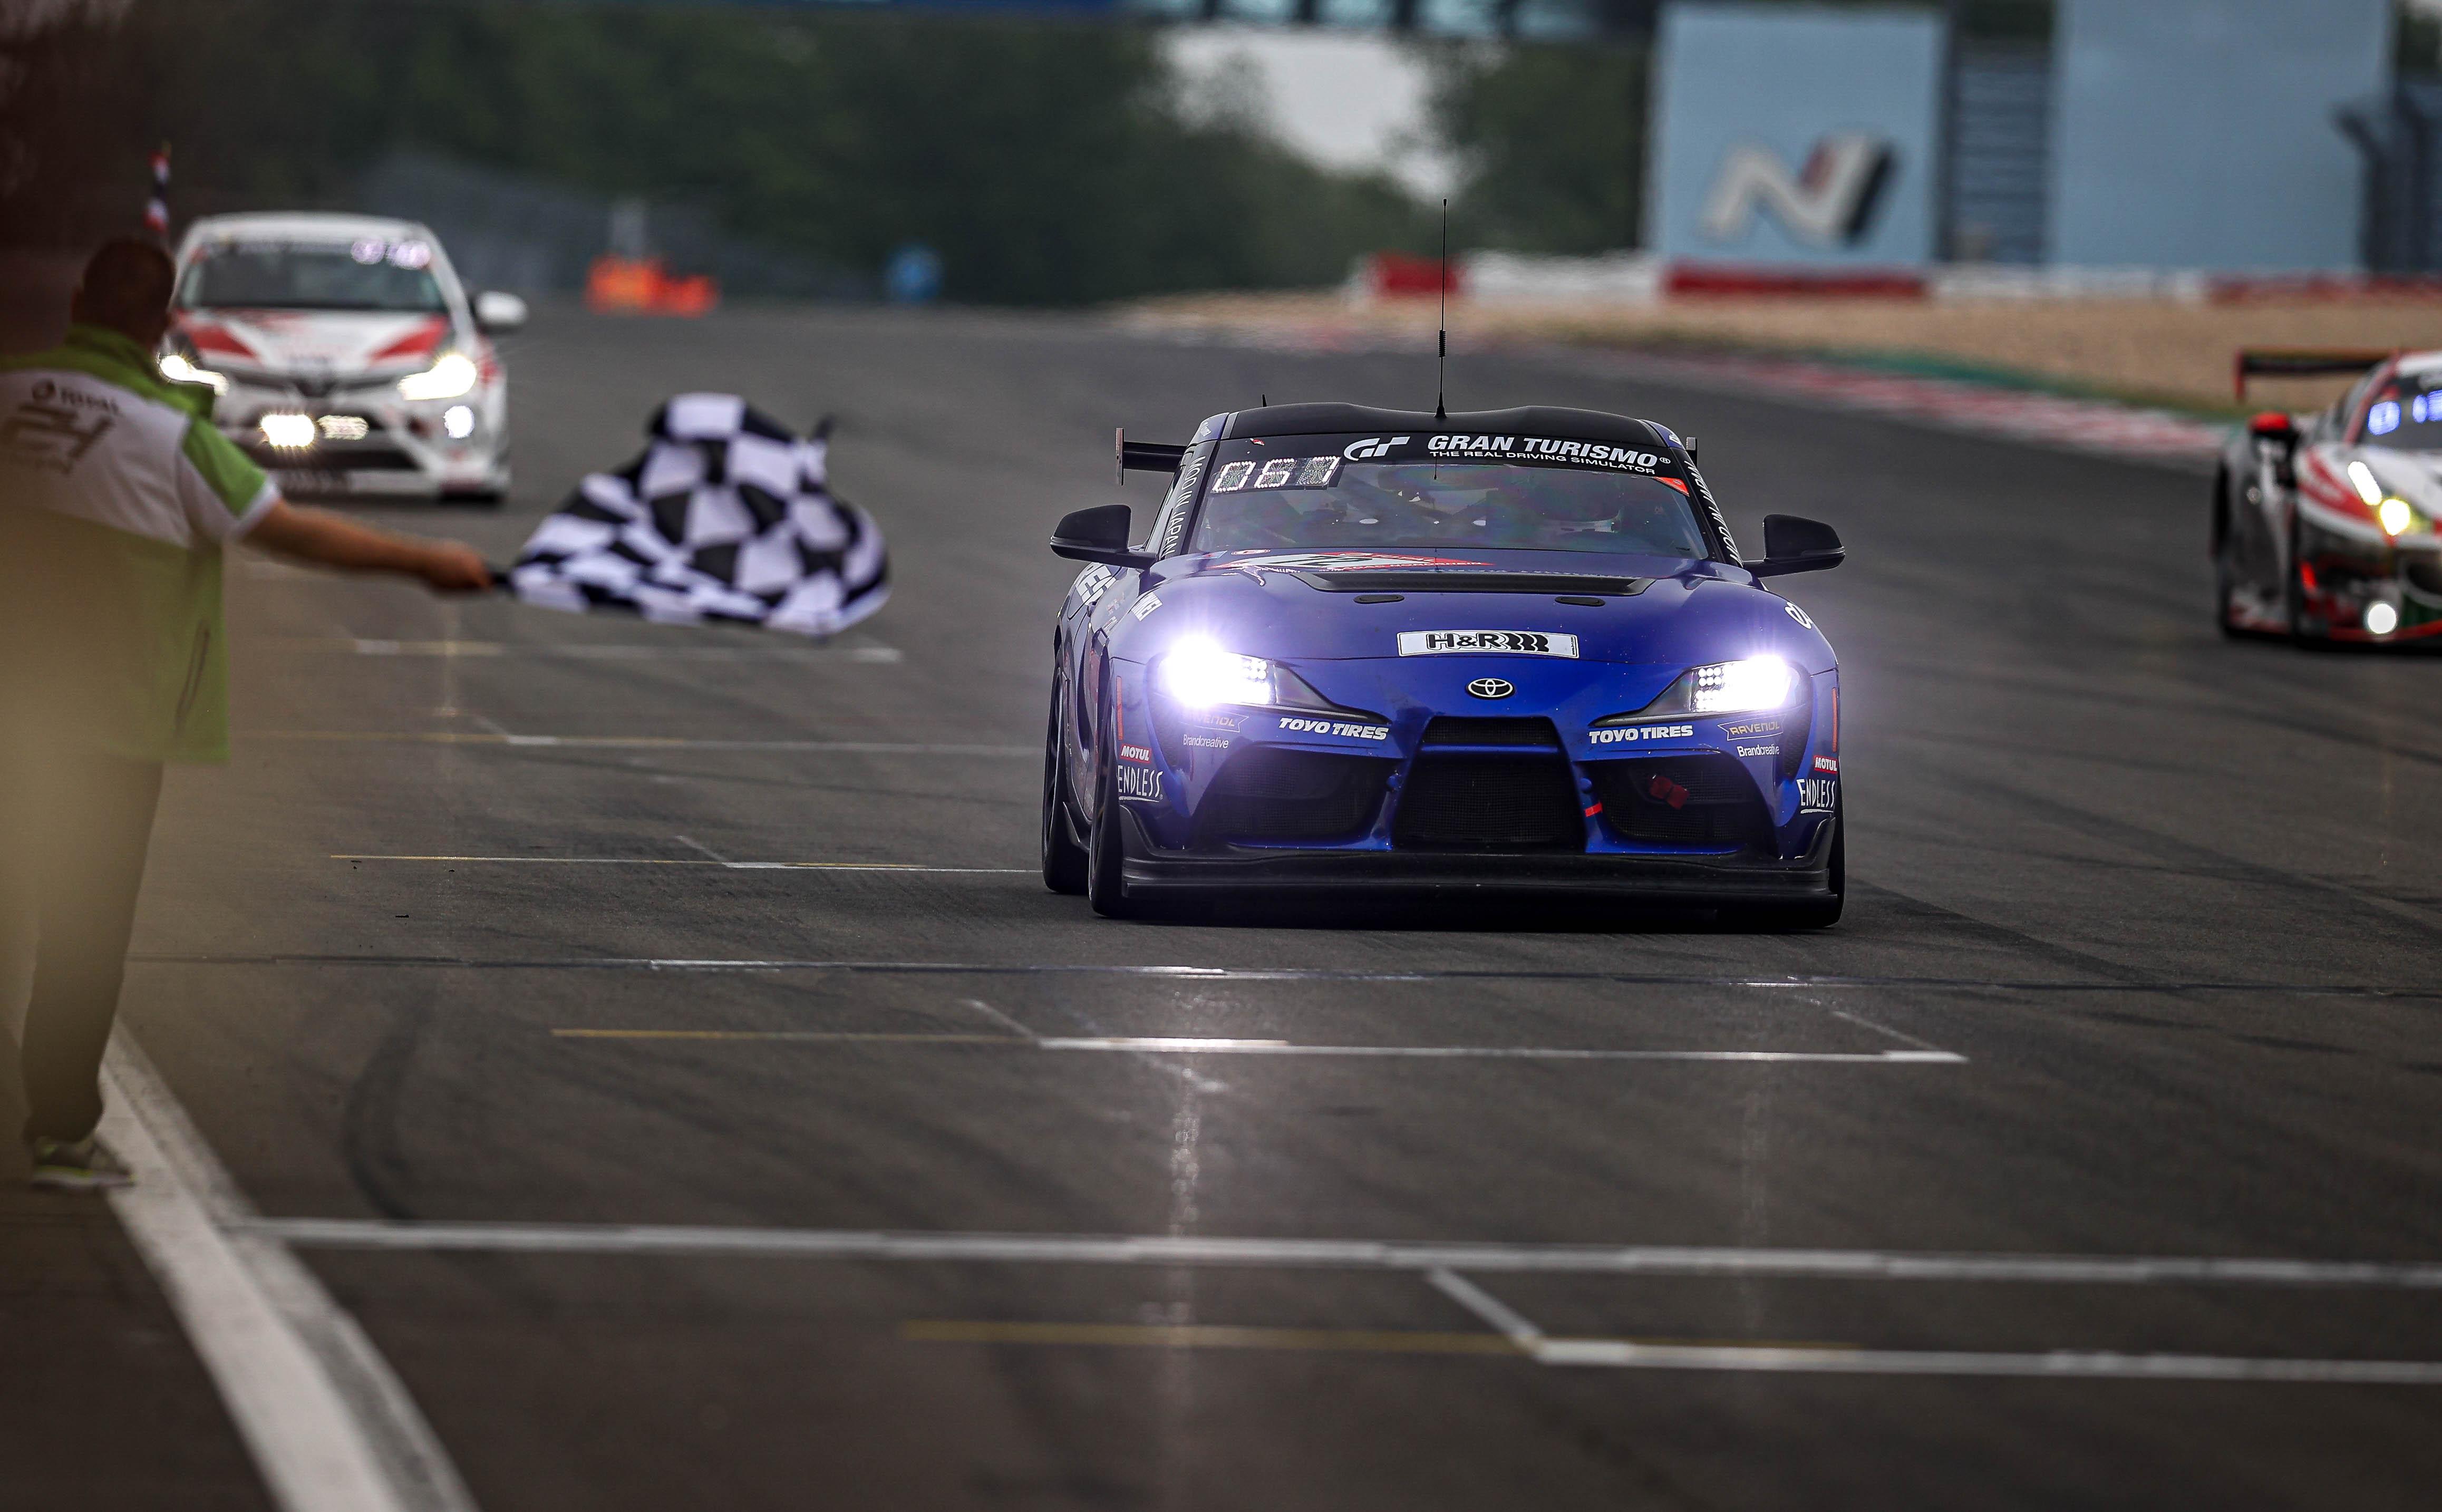 """ยางโตโยไทร์ พิสูจน์ประสิทธิภาพคว้าชัย จบการแข่งขัน  """"ADAC Total 24h-Race Nürburgring 2021"""" ที่ทรหดที่สุดในโลก"""